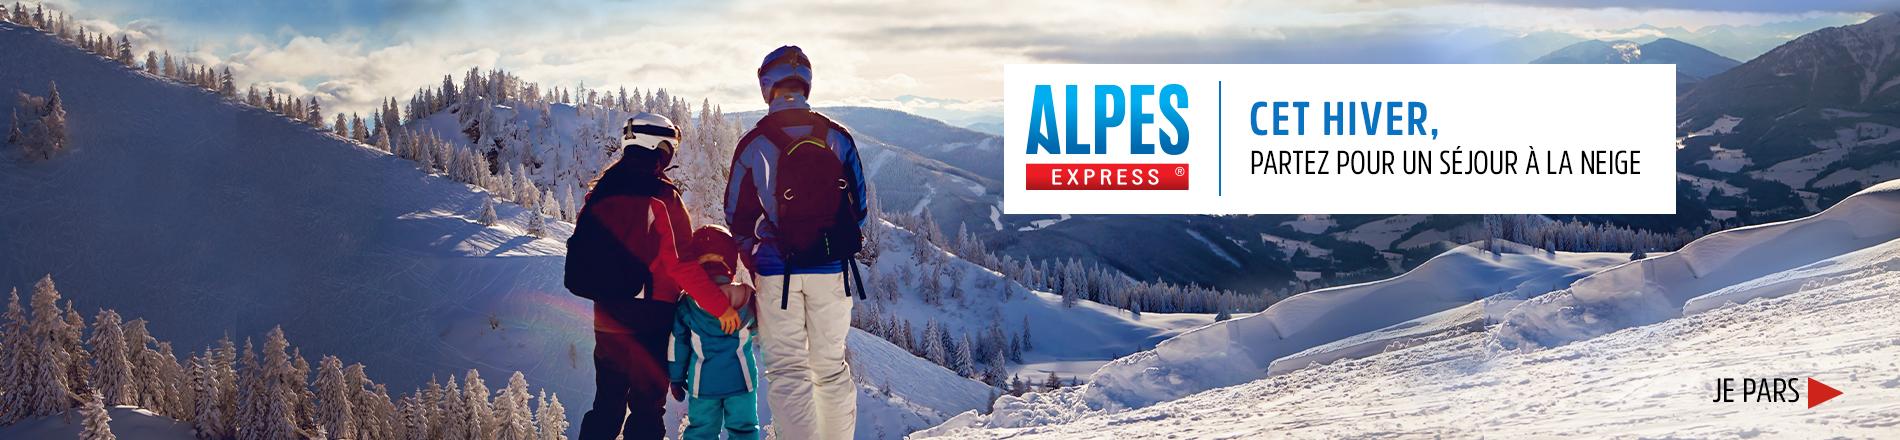 Cet hiver, partez en séjour à la neige avec Alpes Express